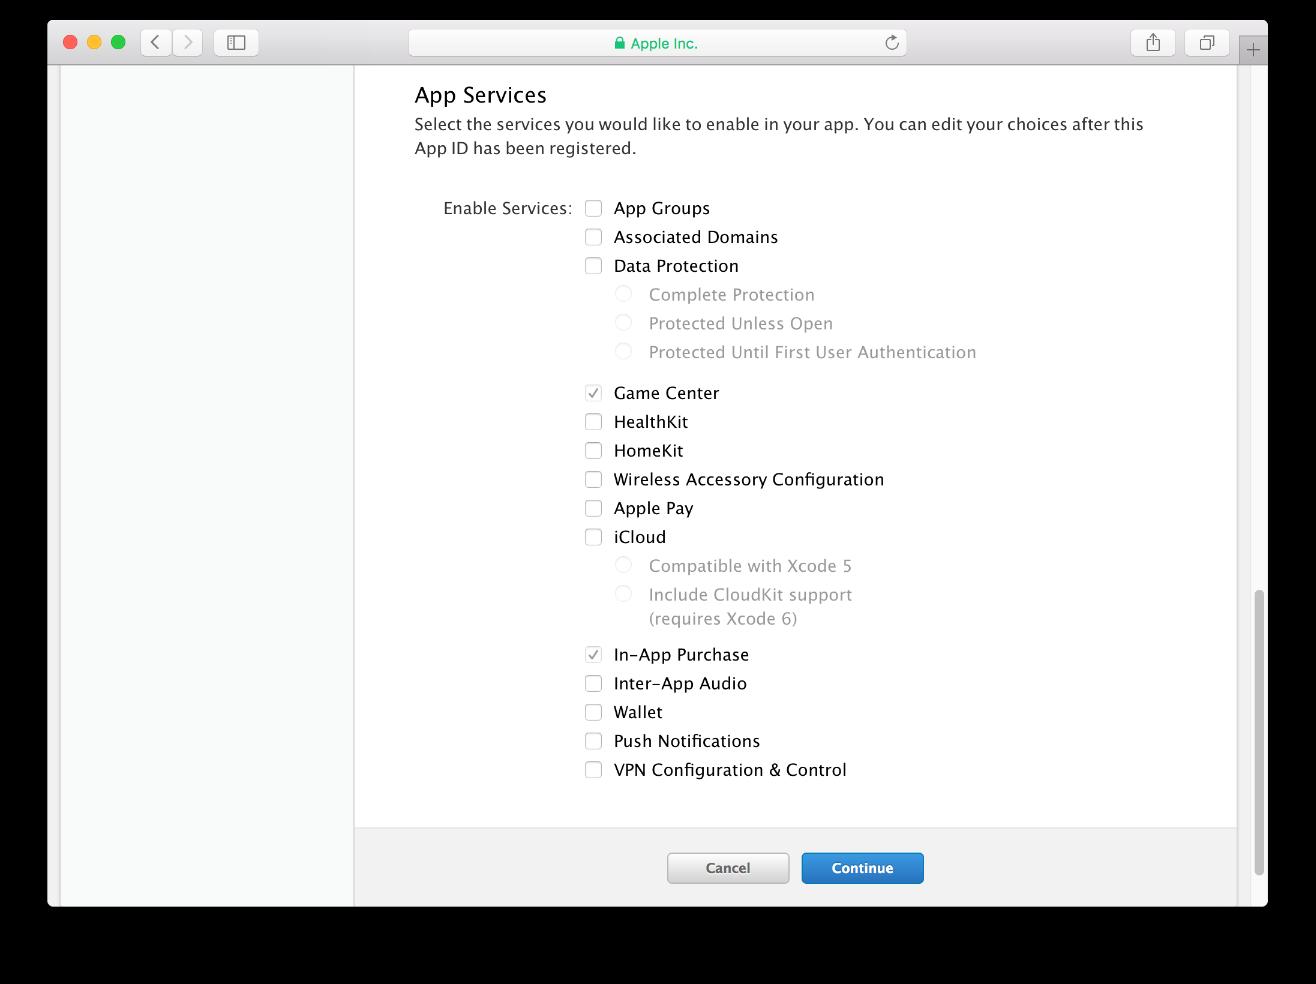 От регистрации до витрины: как выложить мобильное приложение в App Store и Google Play (часть 2) - 5